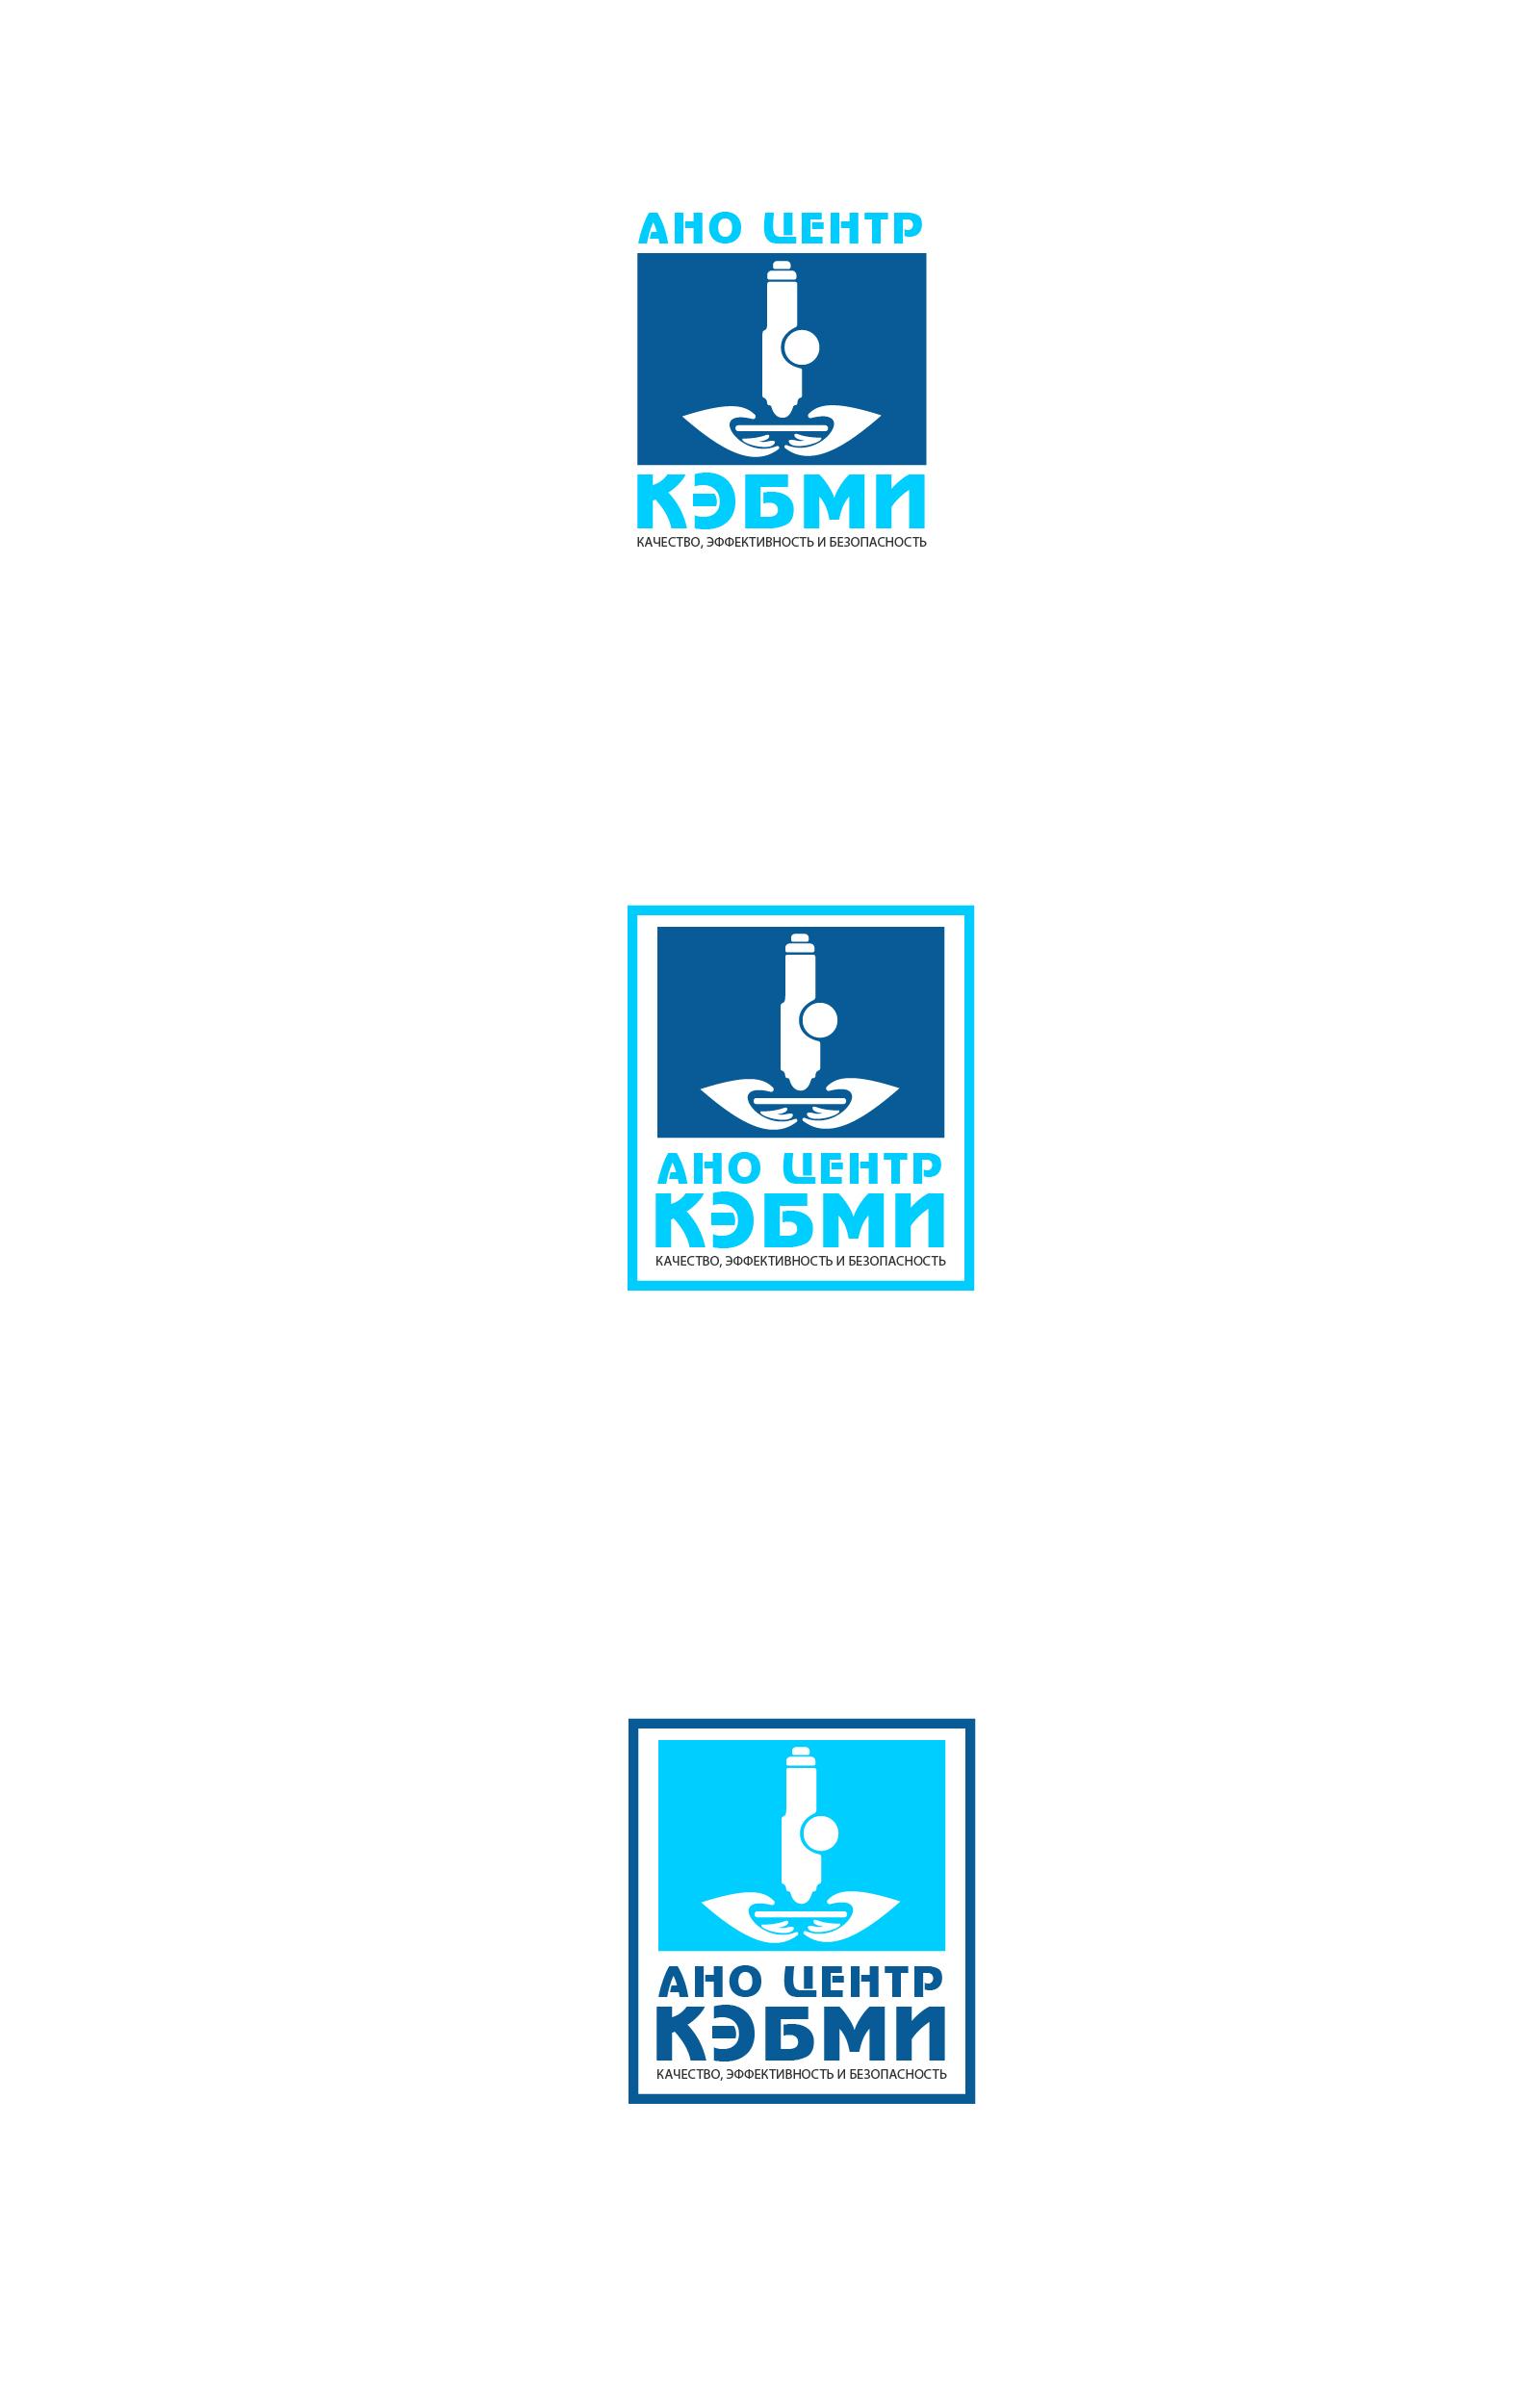 Редизайн логотипа АНО Центр КЭБМИ - BREVIS фото f_8435b1b8ba462a0c.jpg